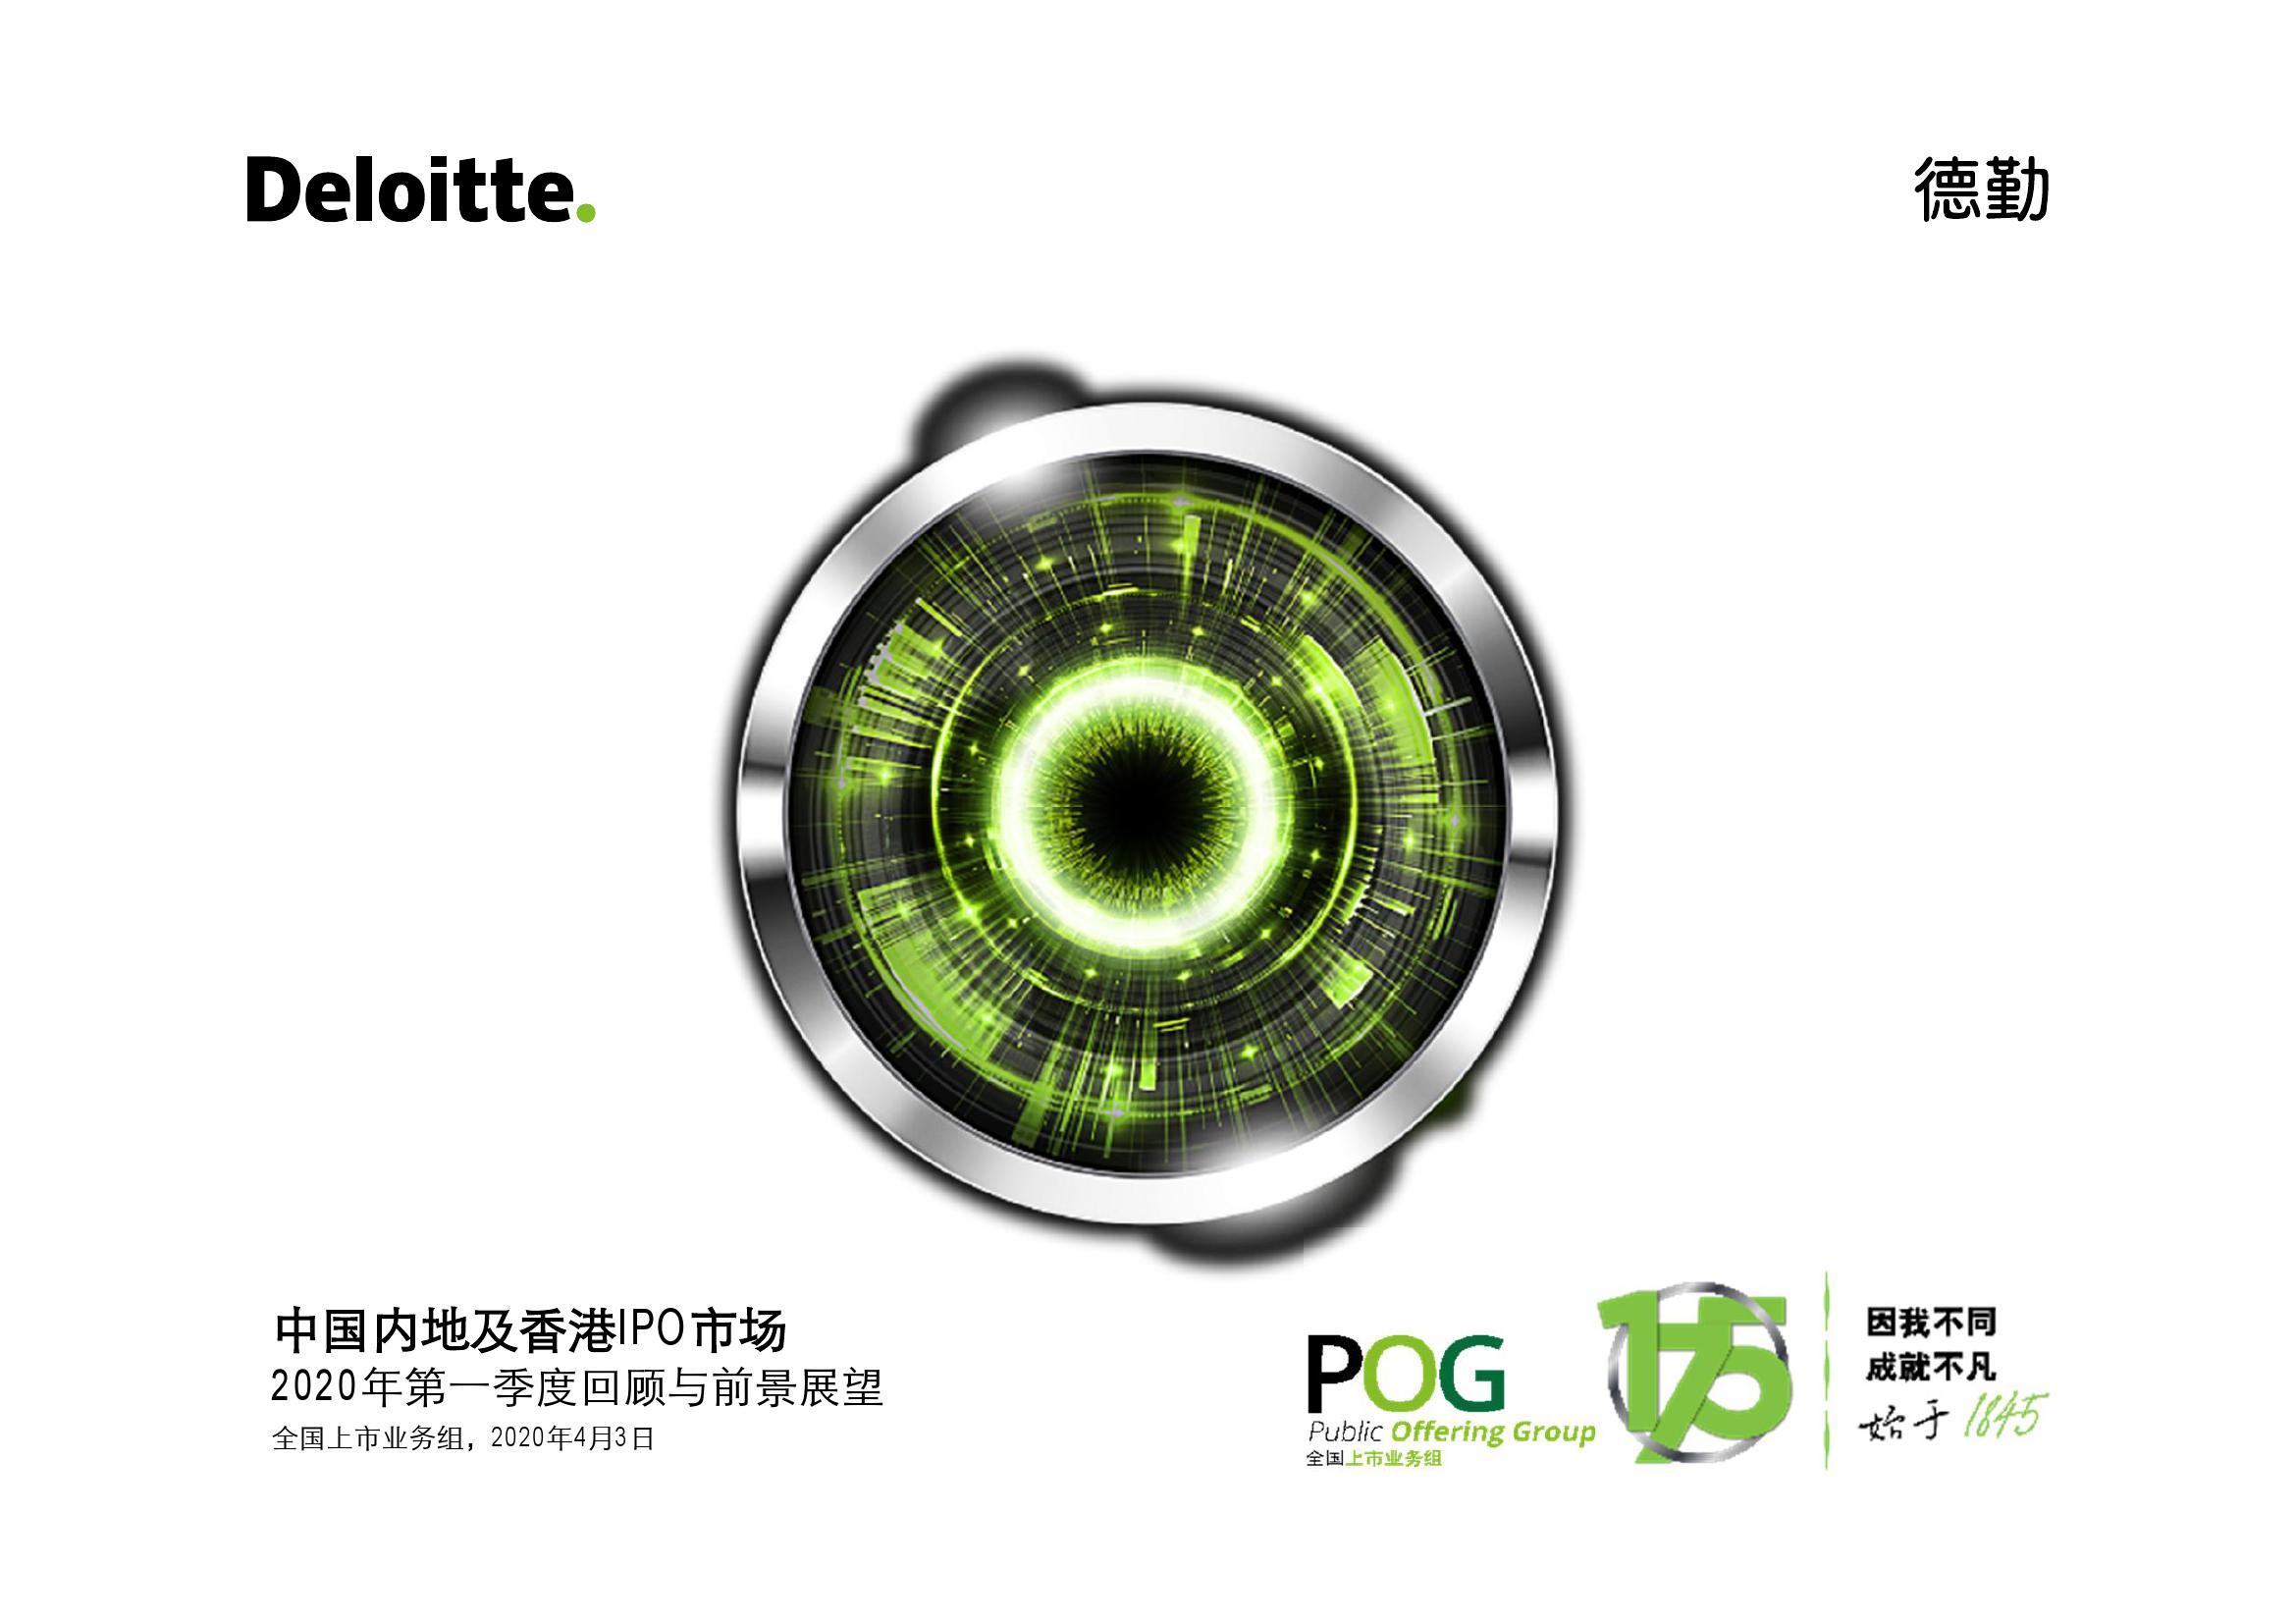 德勤咨询:2020年Q1中国内地及香港IPO市场回顾与前景展望(附下载)